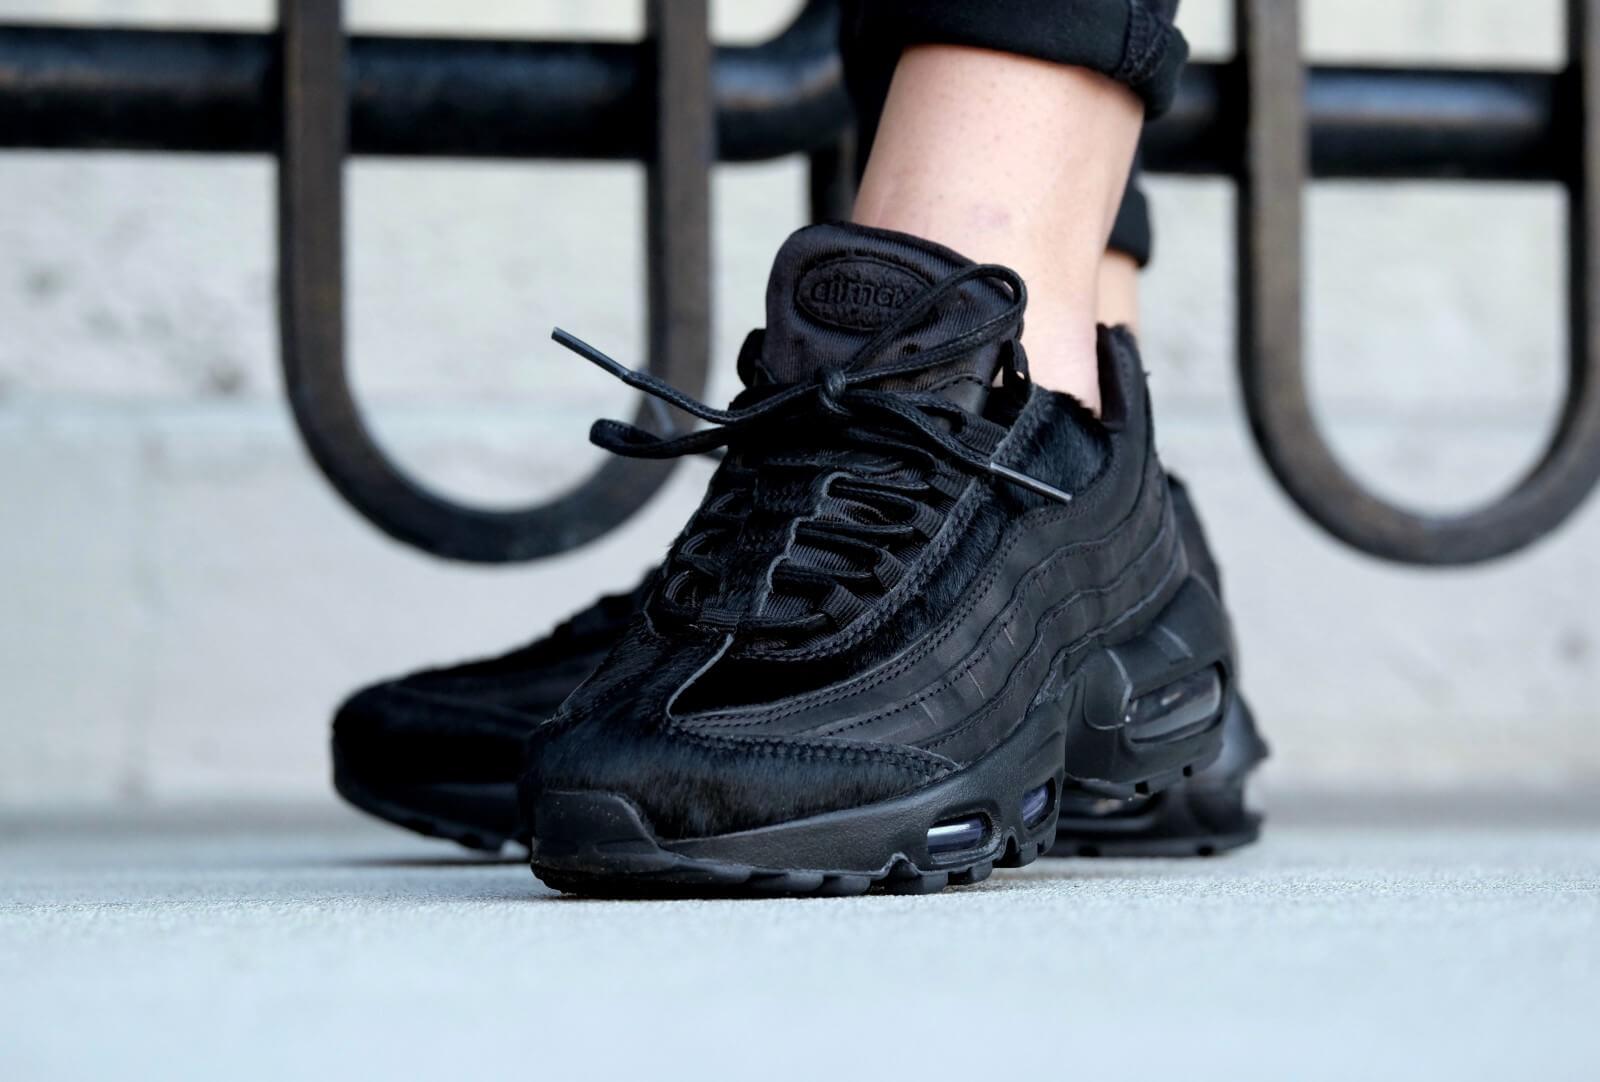 b6155f316c3 ... Nike WMNS Air Max 95 PRM Pony BlackBlack ...